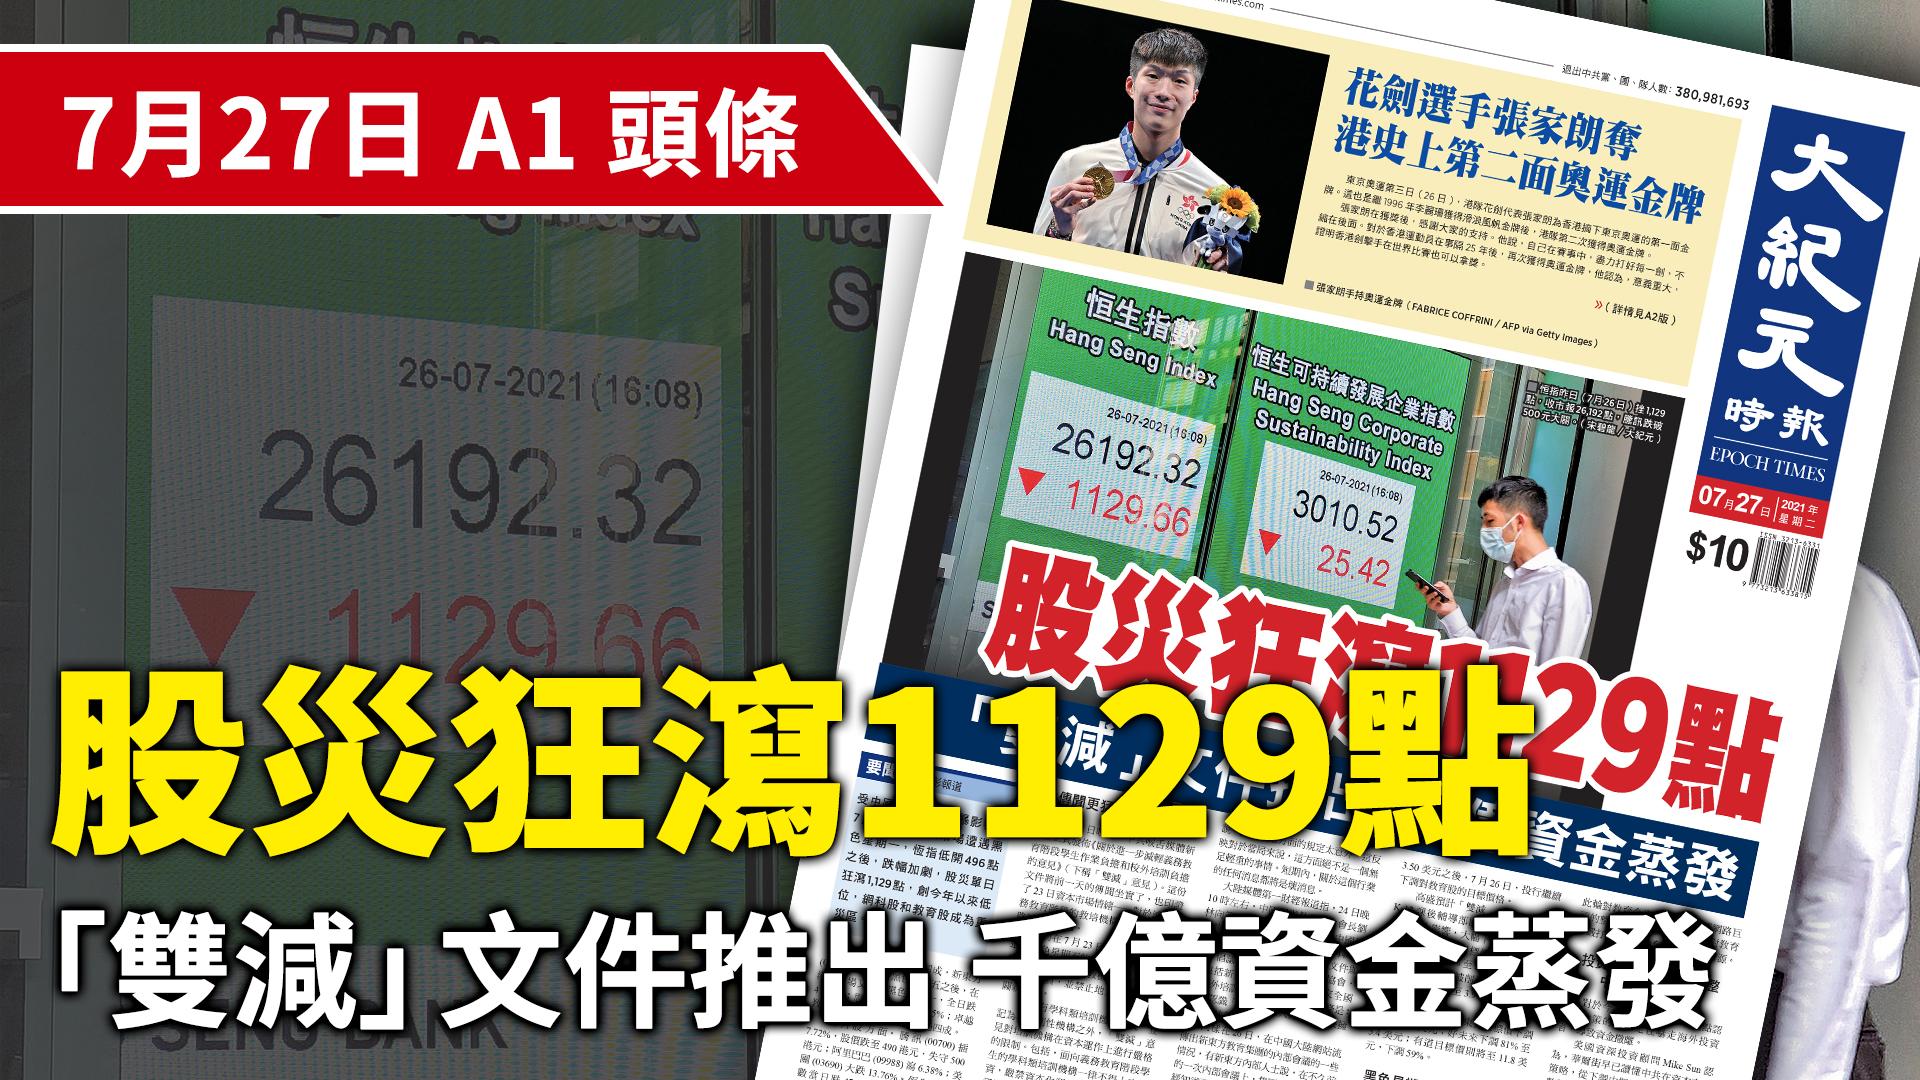 恒指昨日(7月26日)挫1,129 點,收市報26,192 點,騰訊跌破 500元大關。( 宋碧龍/大紀元)